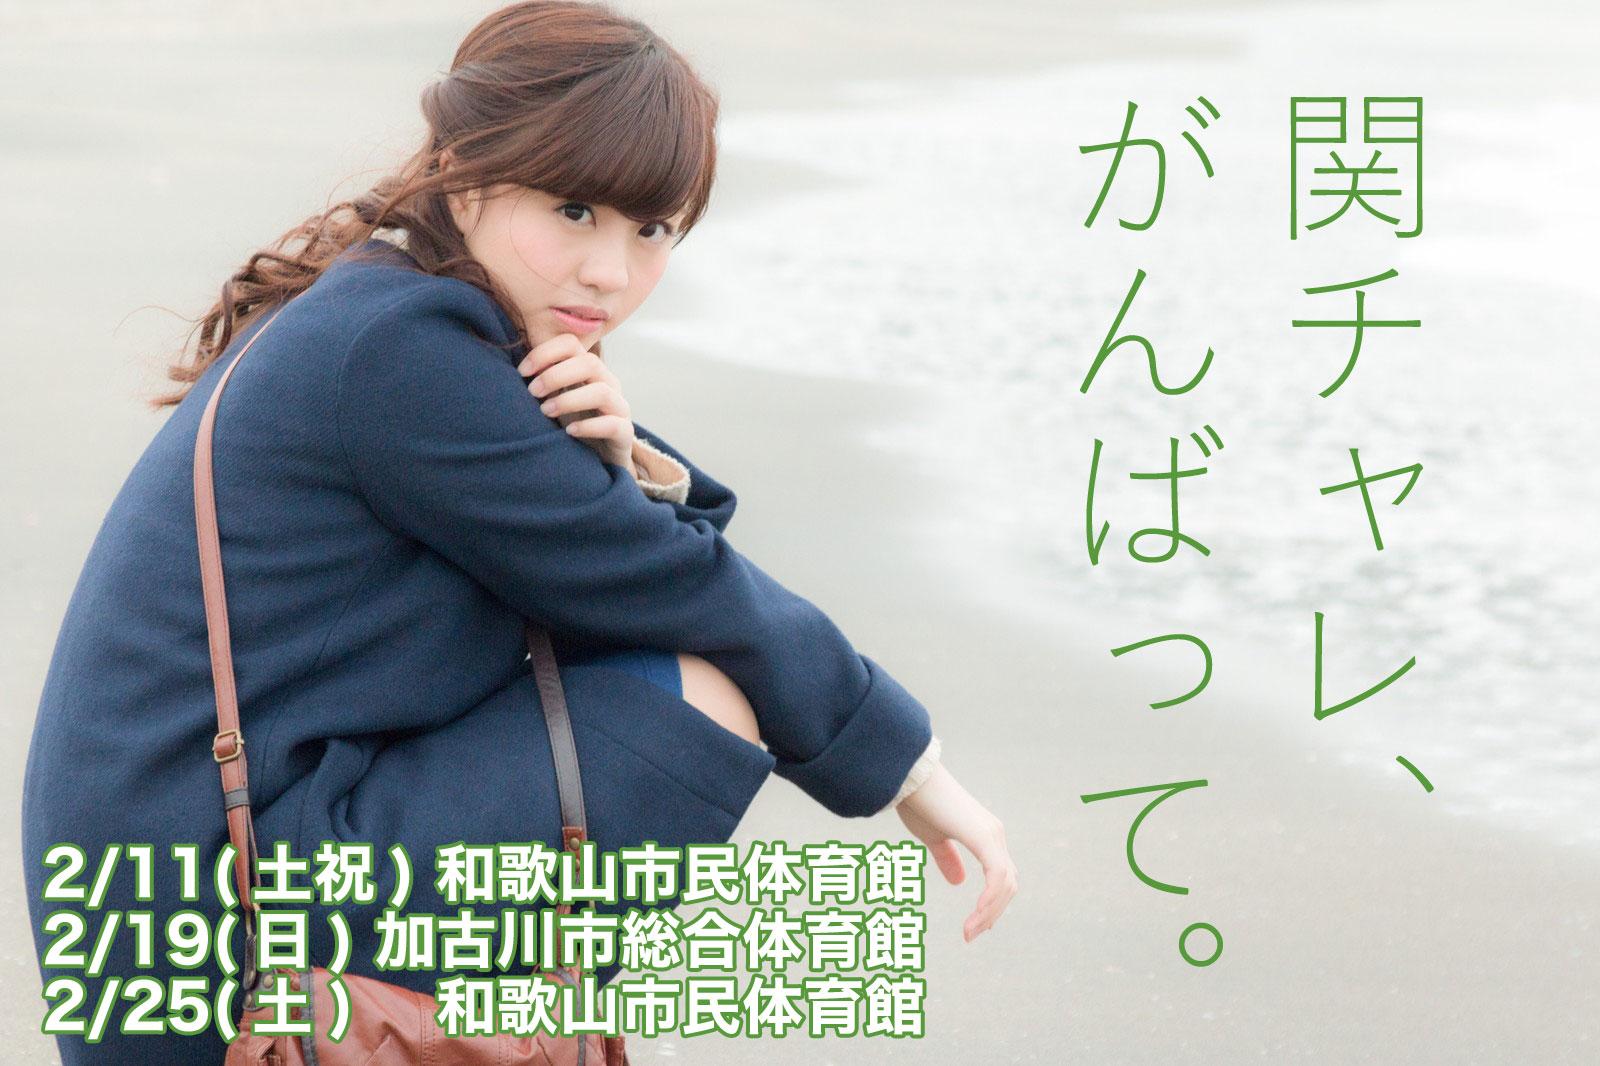 【関チャレ】関西フットサルチャレンジリーグの出場チームが決定!